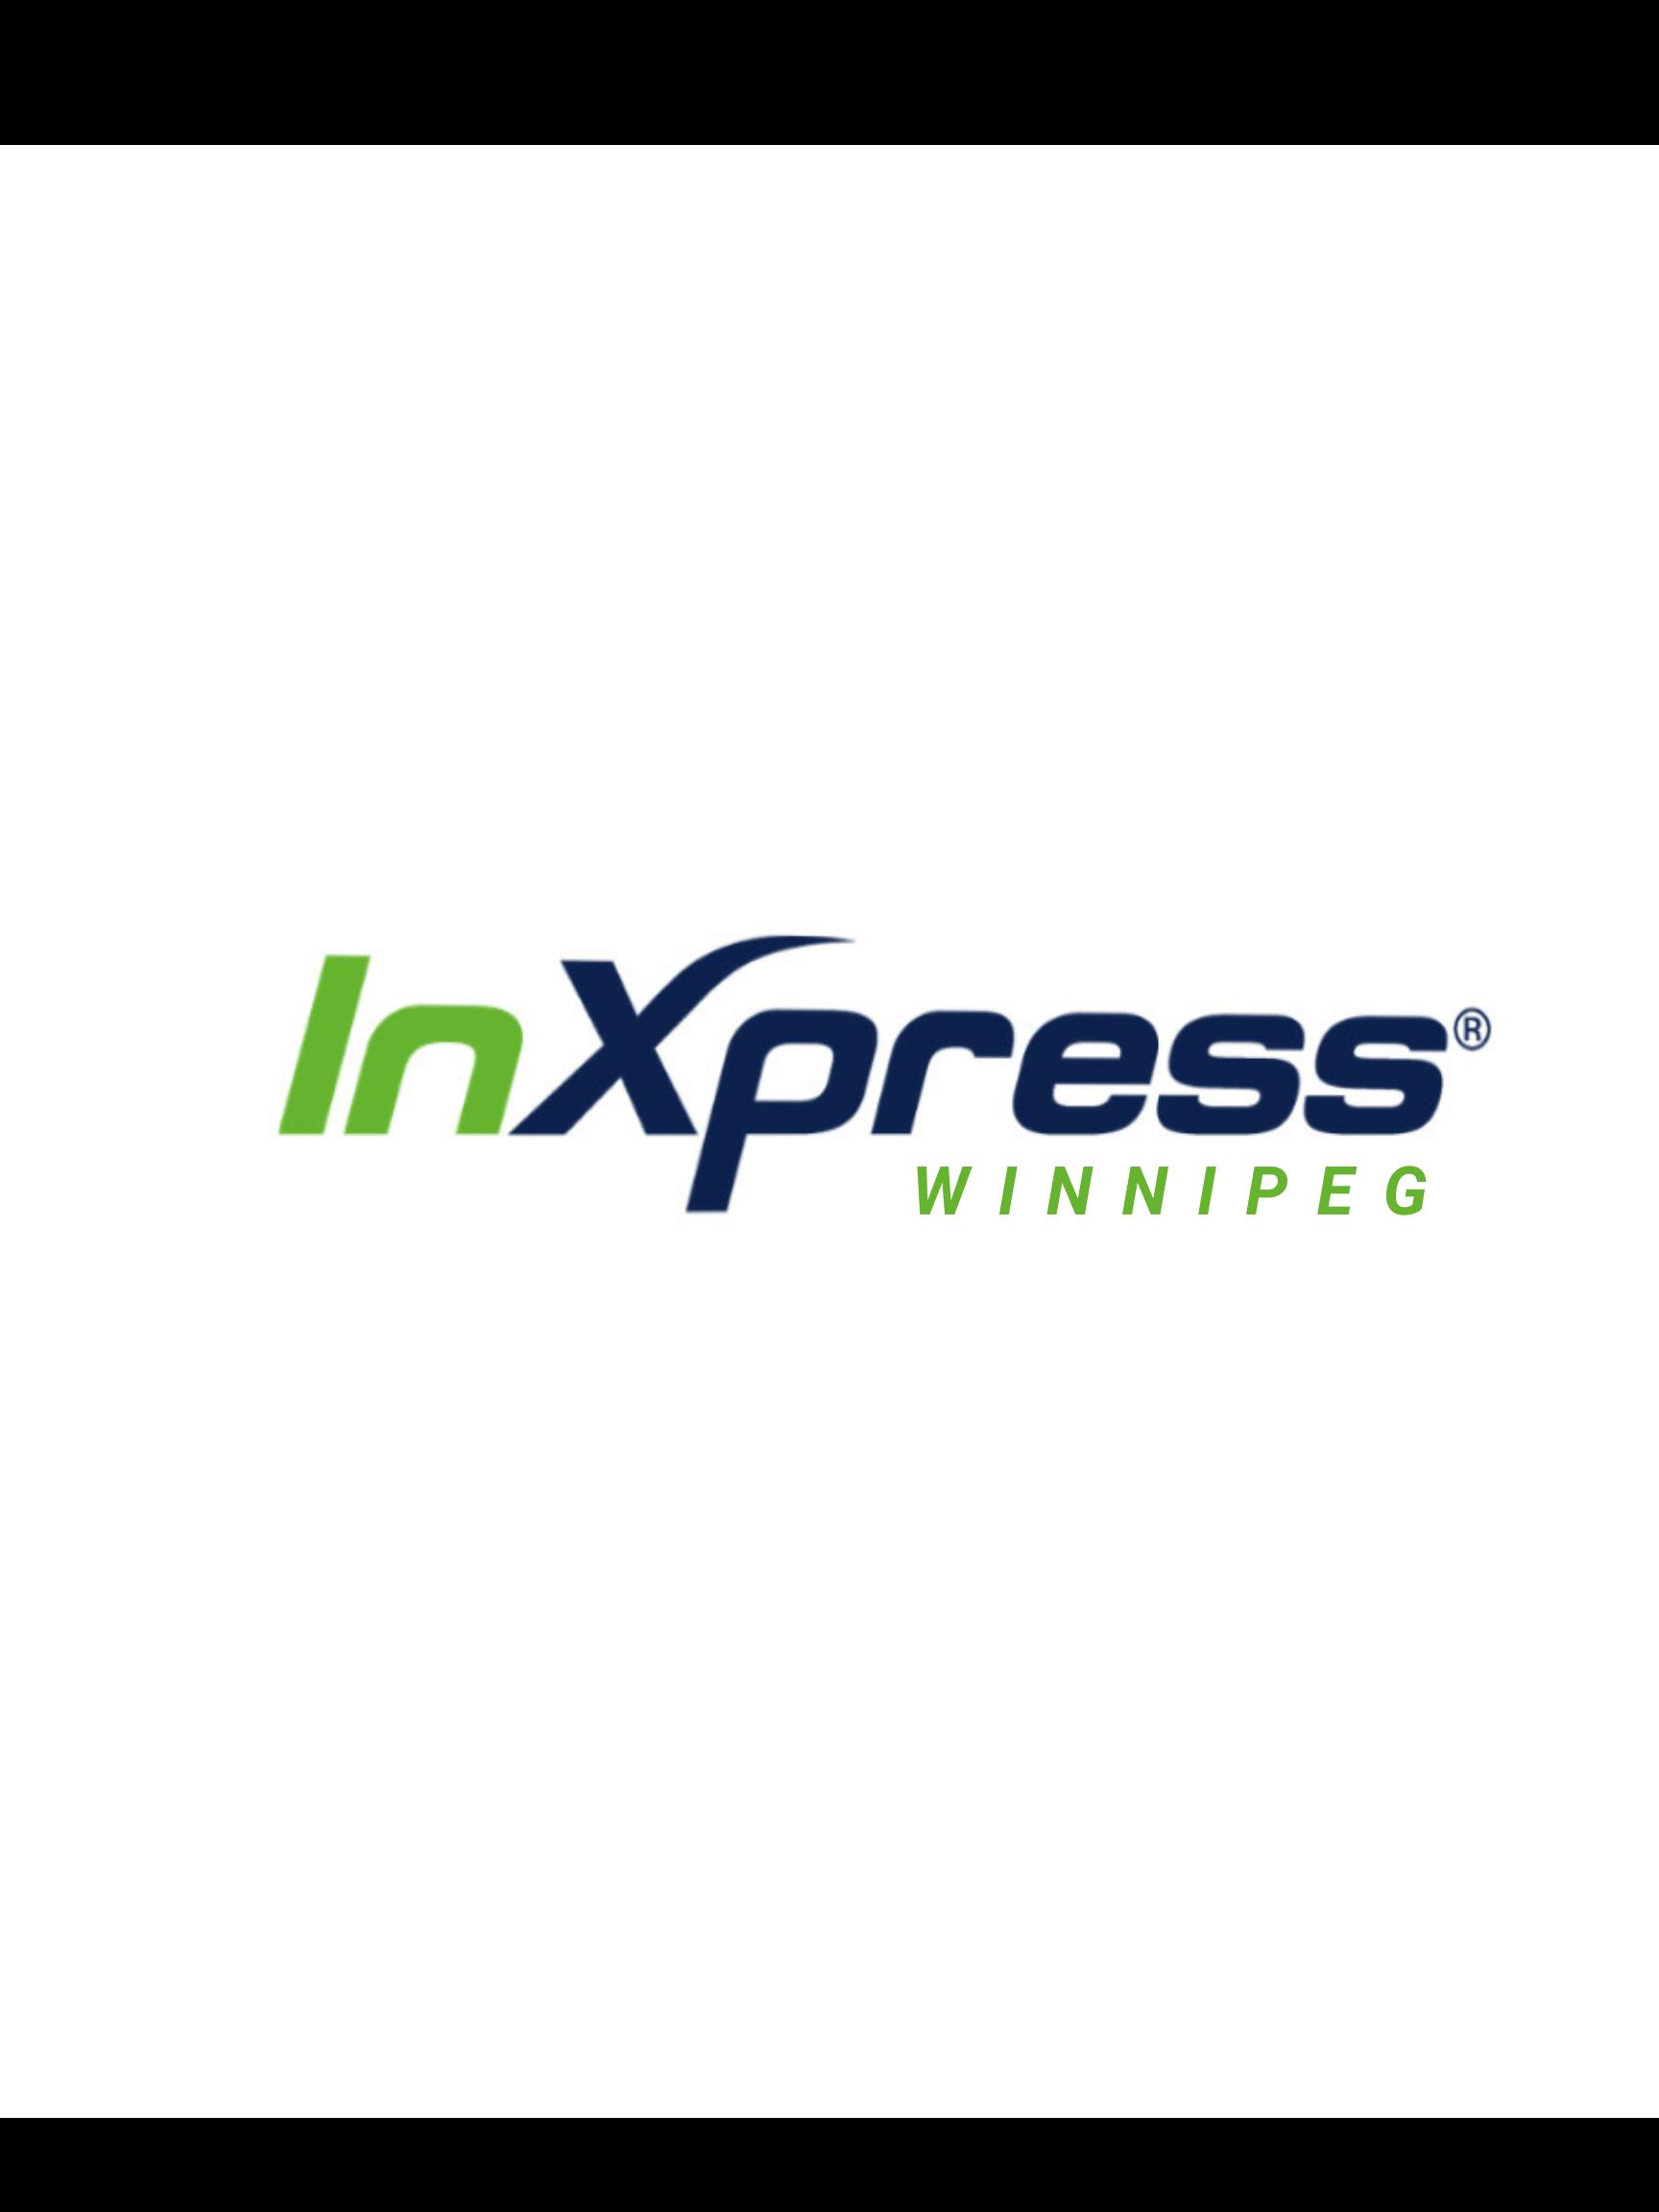 INxpress Winnipeg